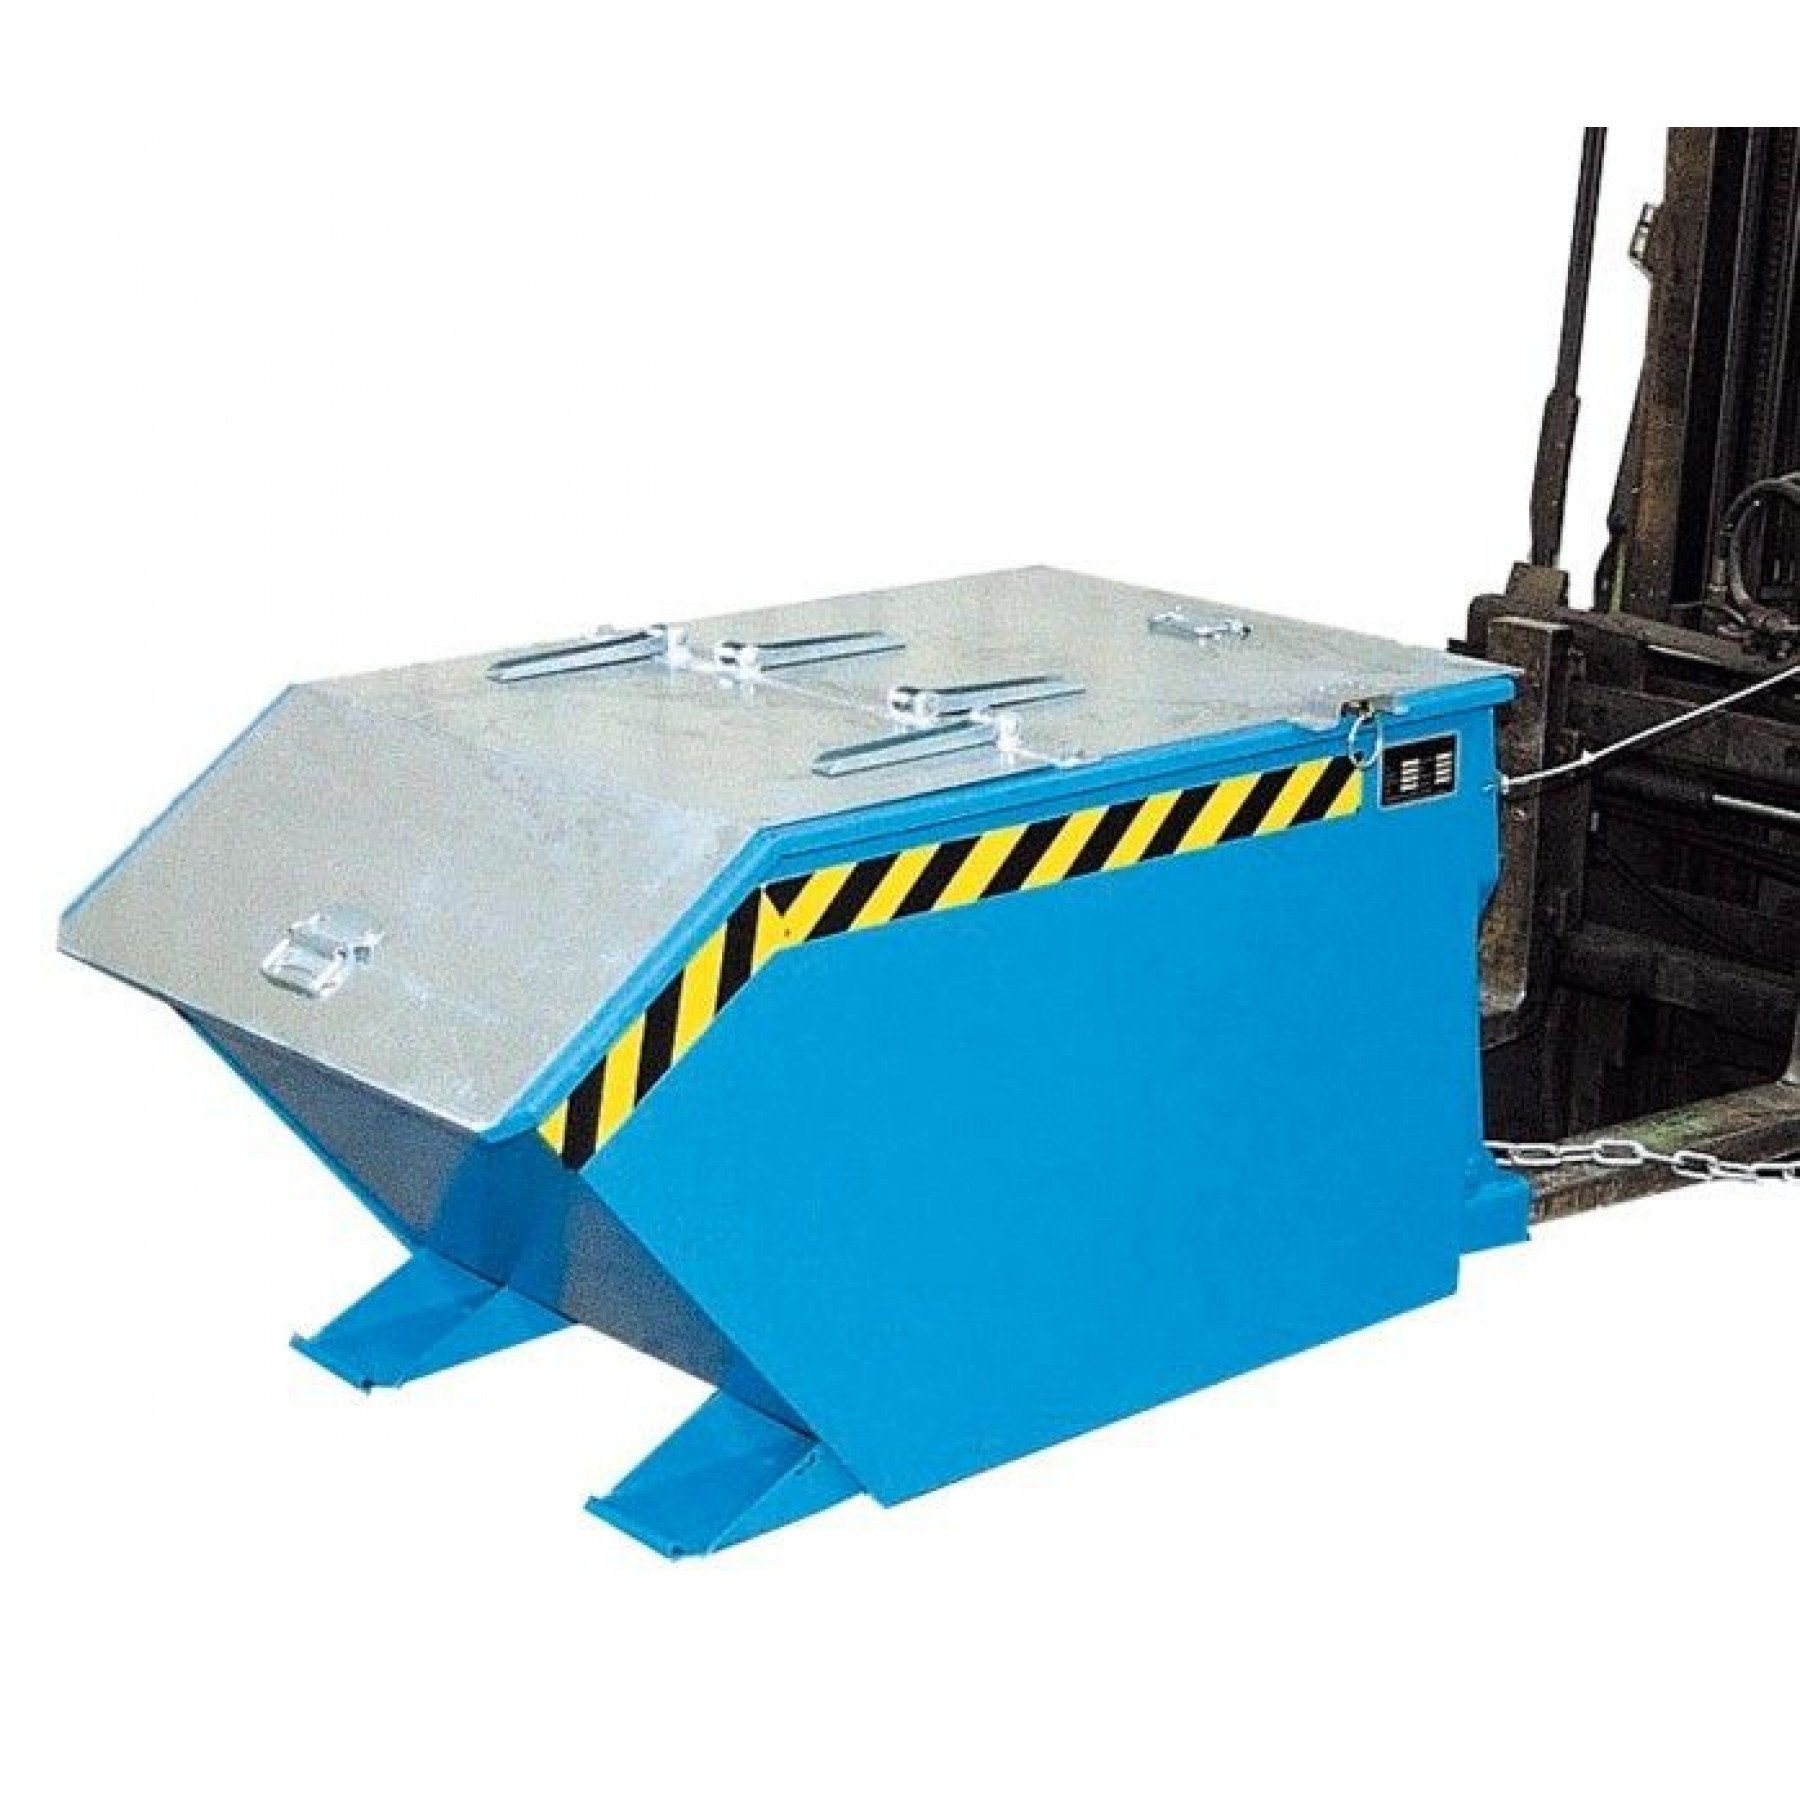 Verzinkt deksel t.b.v. laagbouw kiepcontainer 750 liter, MTFL-750-DEKSEL